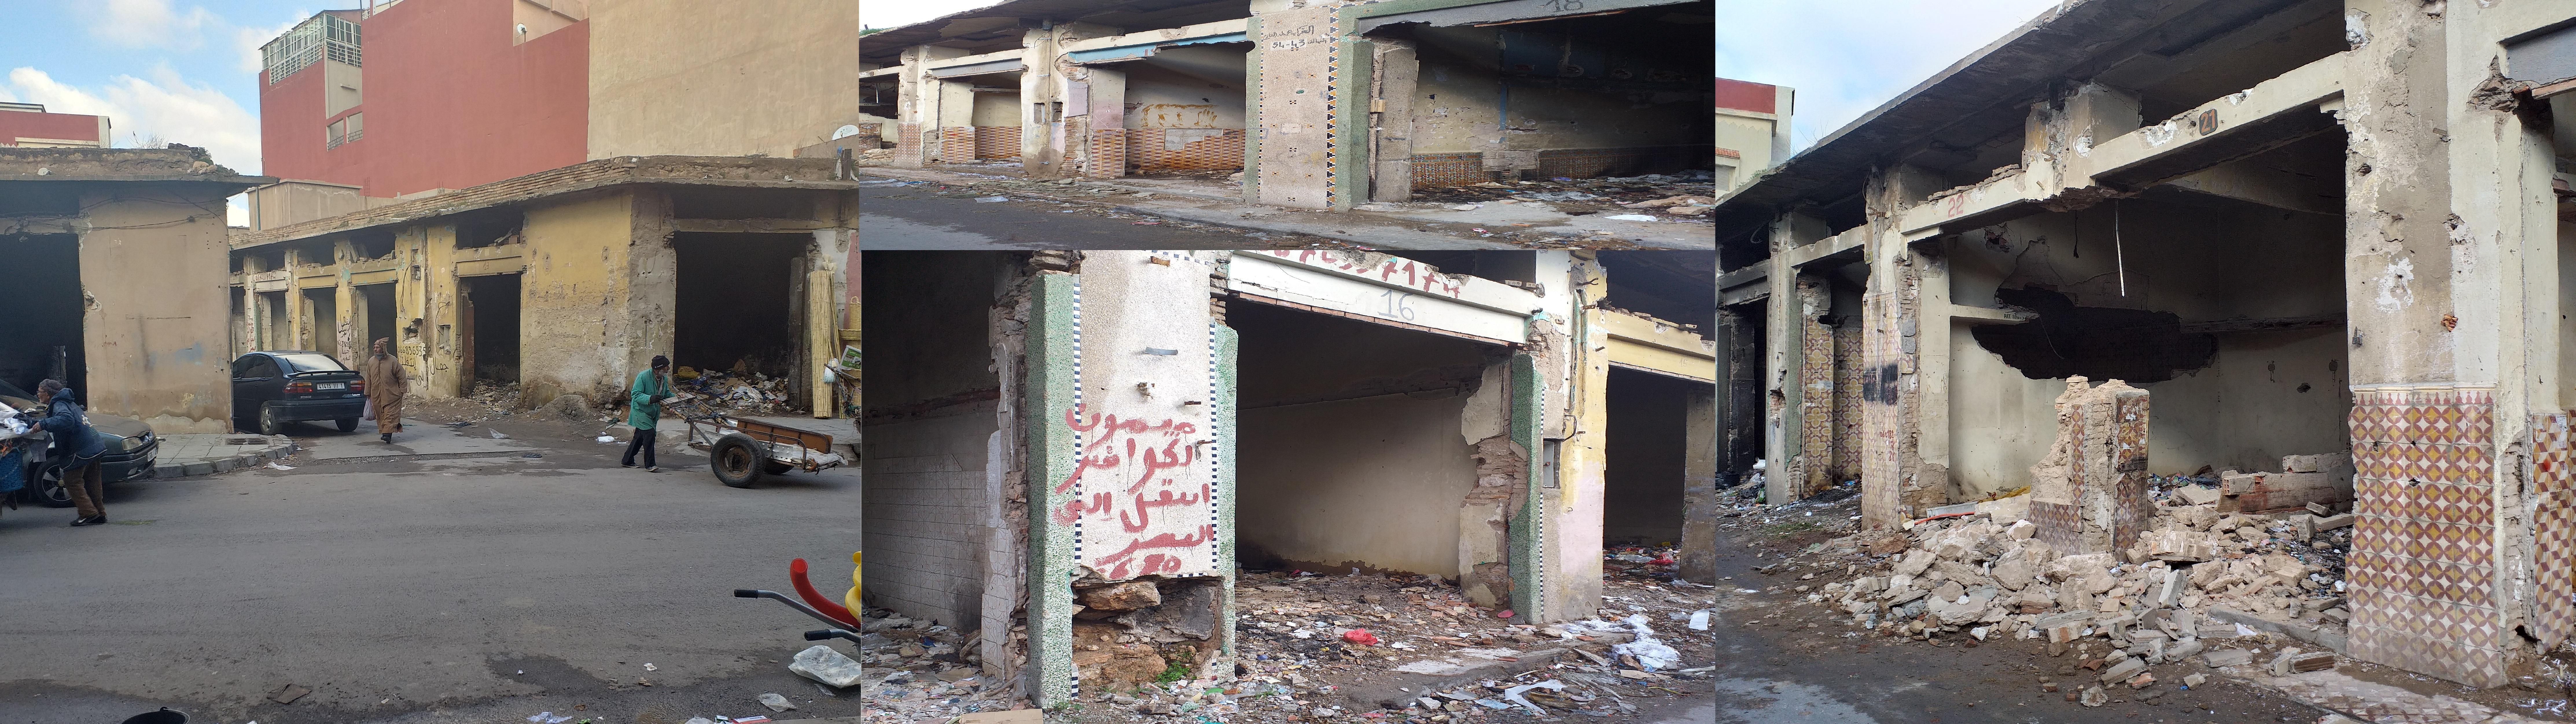 دكاكين وسط مدينة وجدة تتحول إلى مكان رعب وقلق ووكر للمنحرفين بعد هدمها من طرف السلطات